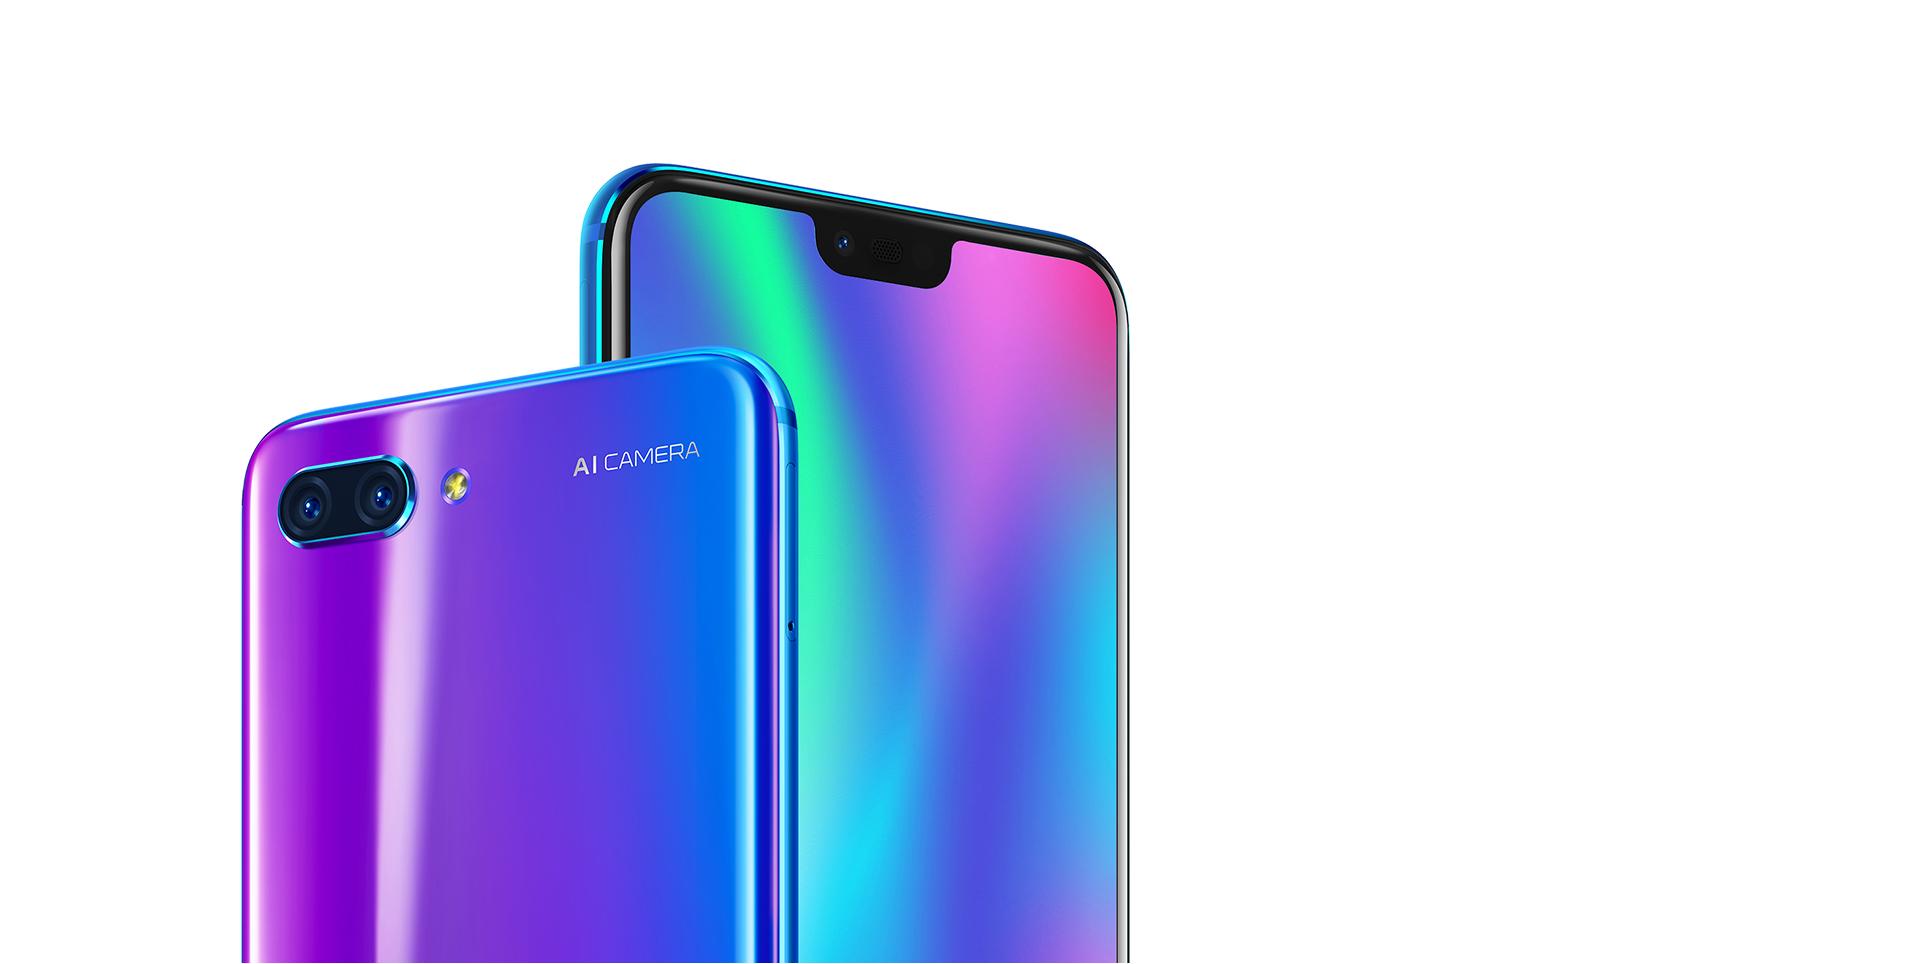 Podobu a inspiraci čerpal u Applu, to ovšem nemění nic na tom, že má Honor 10 úžasný design a luxusní IPS displej s dokonalým barevným podáním